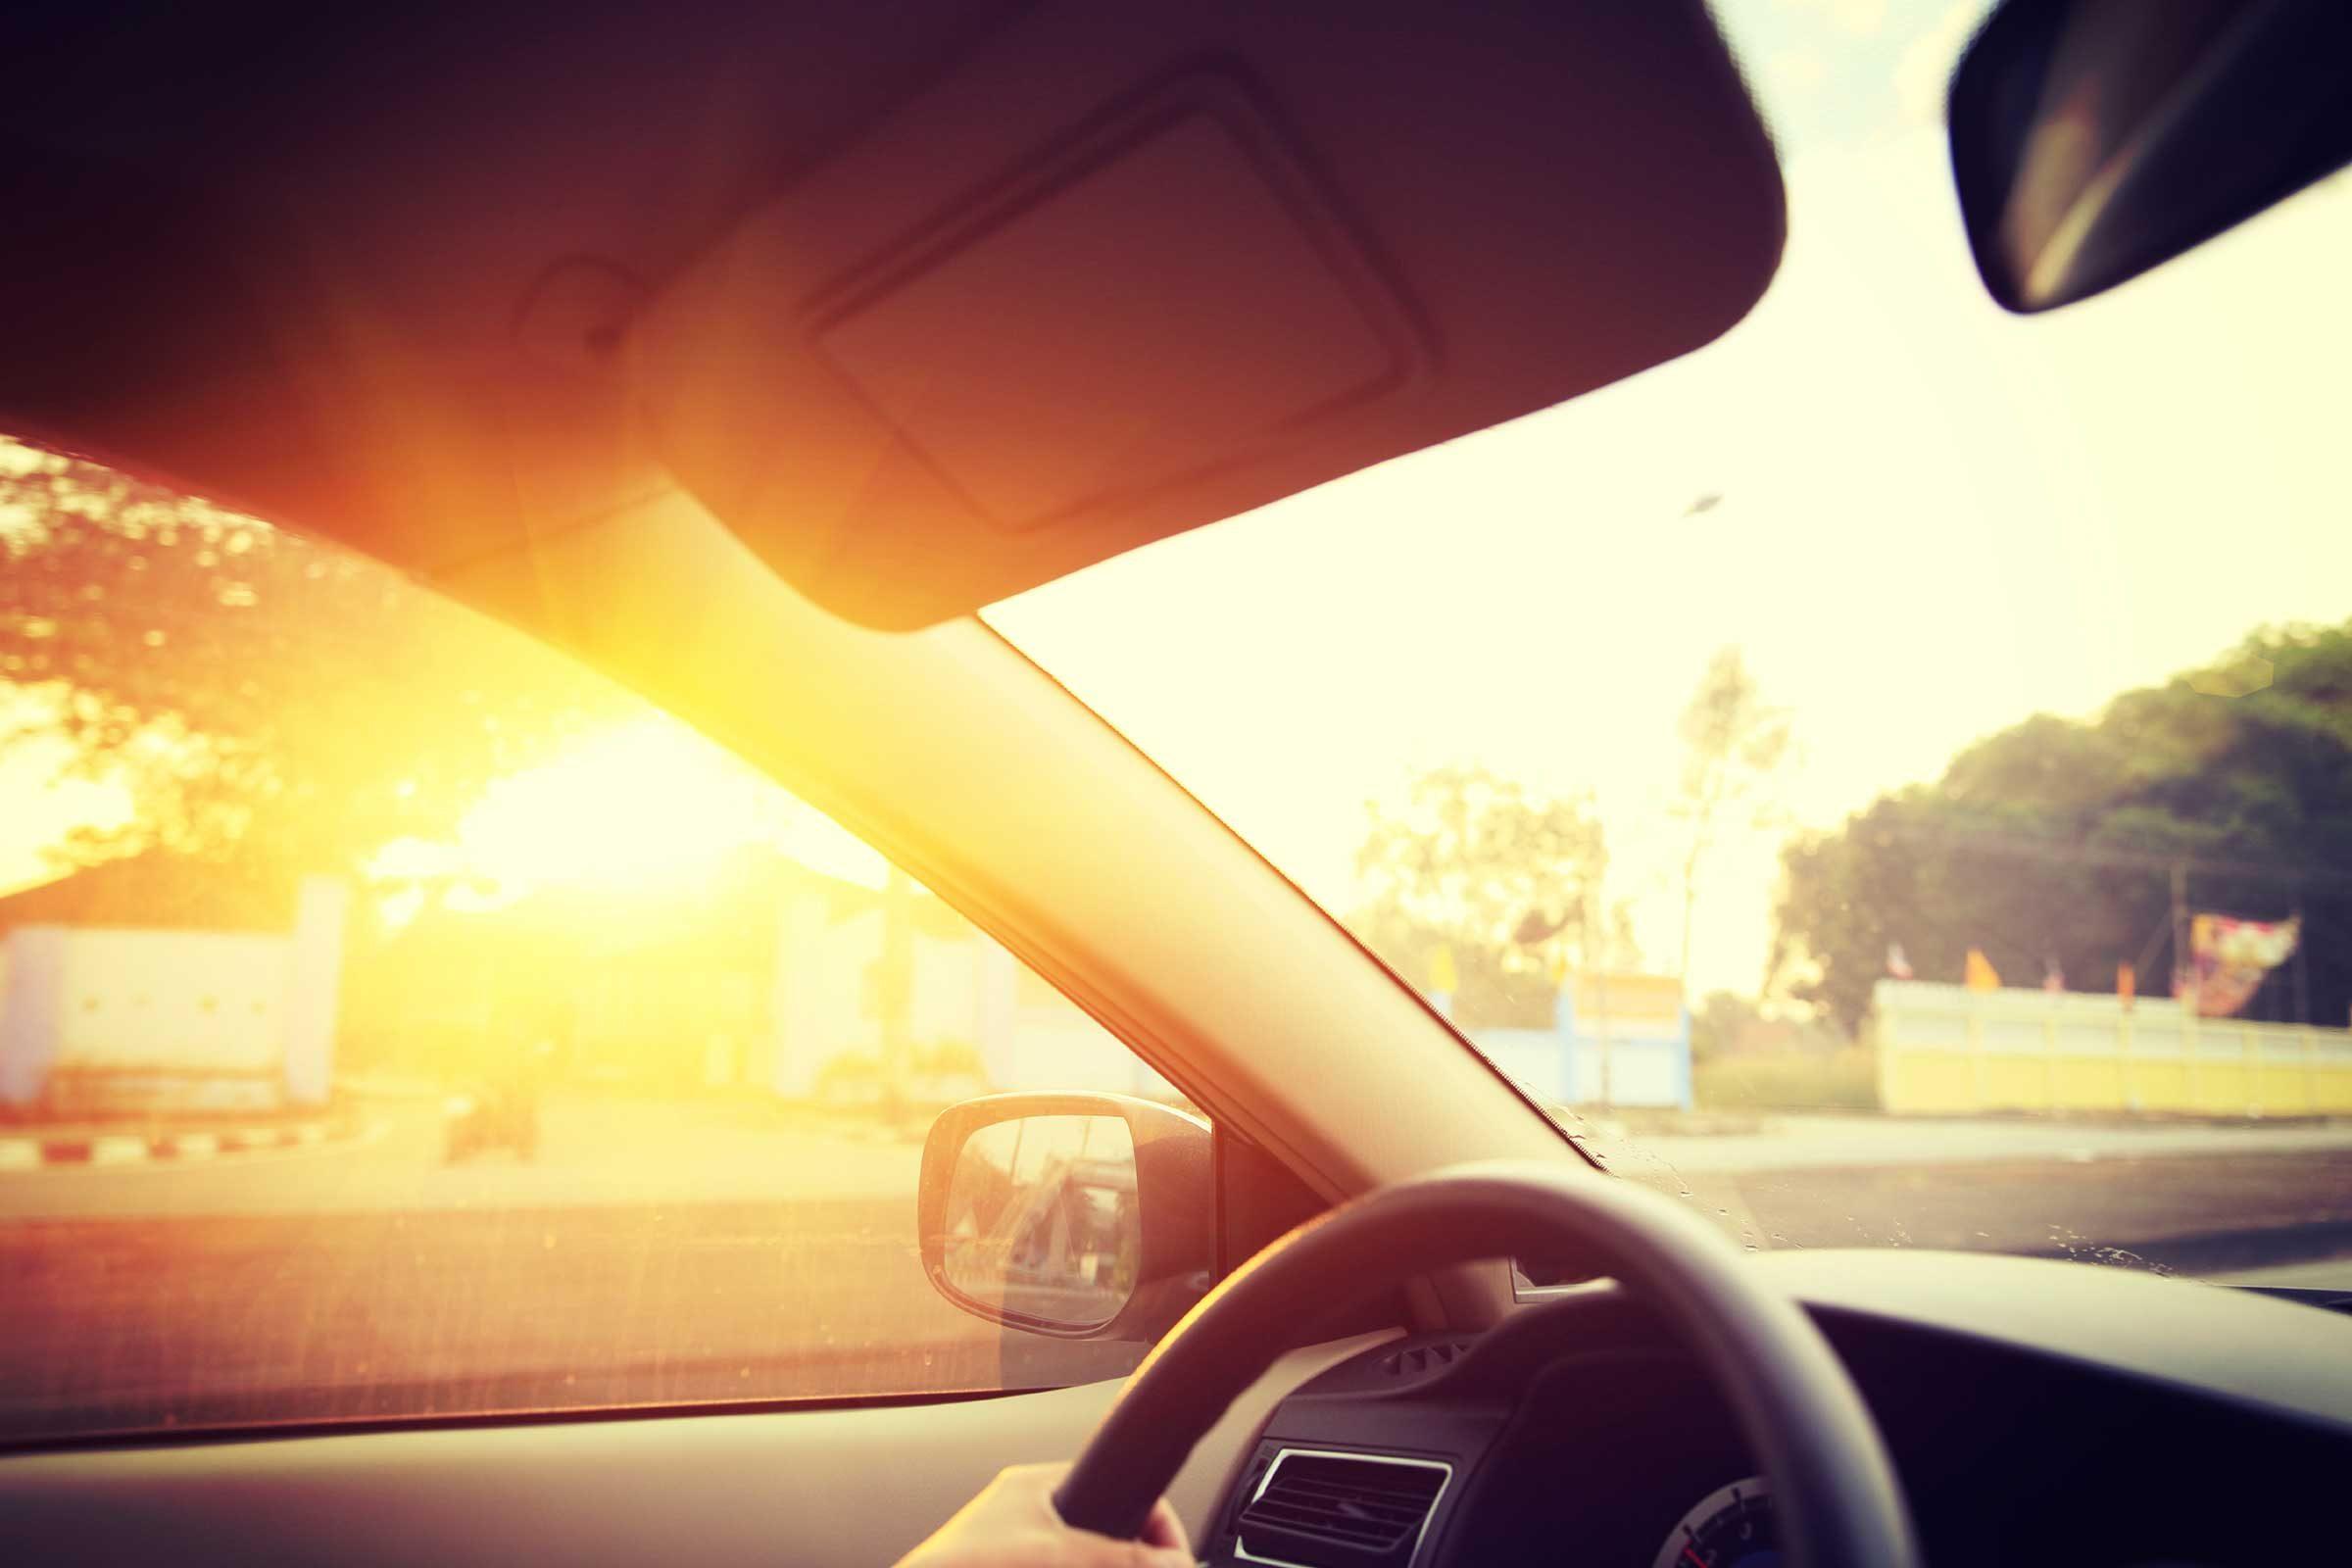 Protéger sa peau du soleil lorsque vous êtes en voiture.